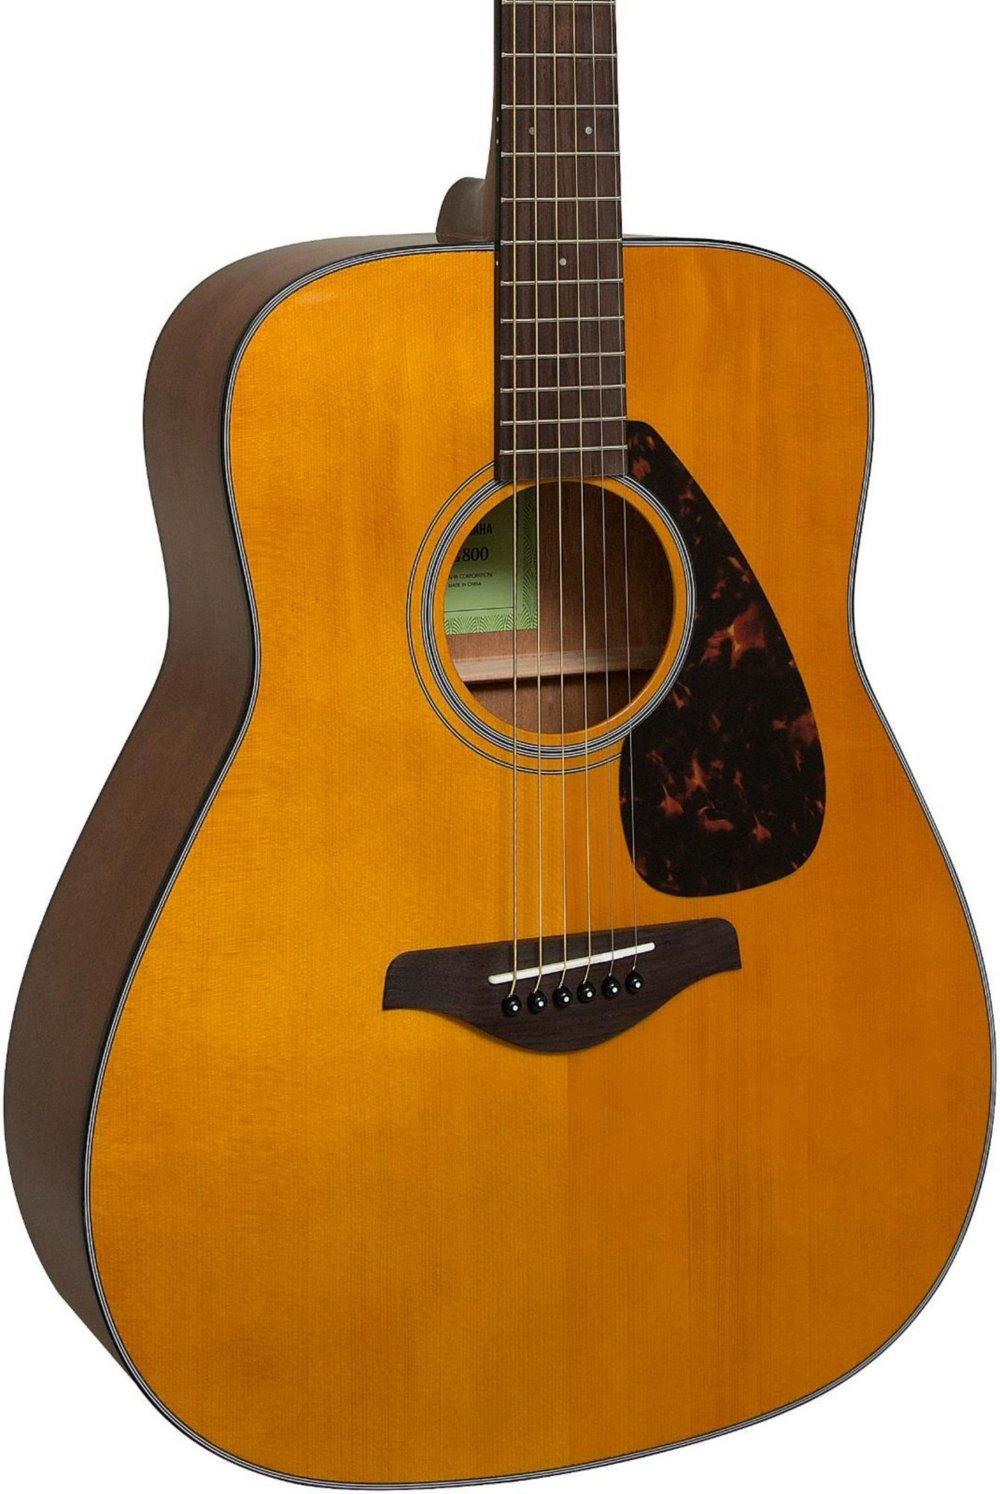 Yamaha Fg800 Folk Acoustic Guitar Vintage Tint Amazon In Electronics